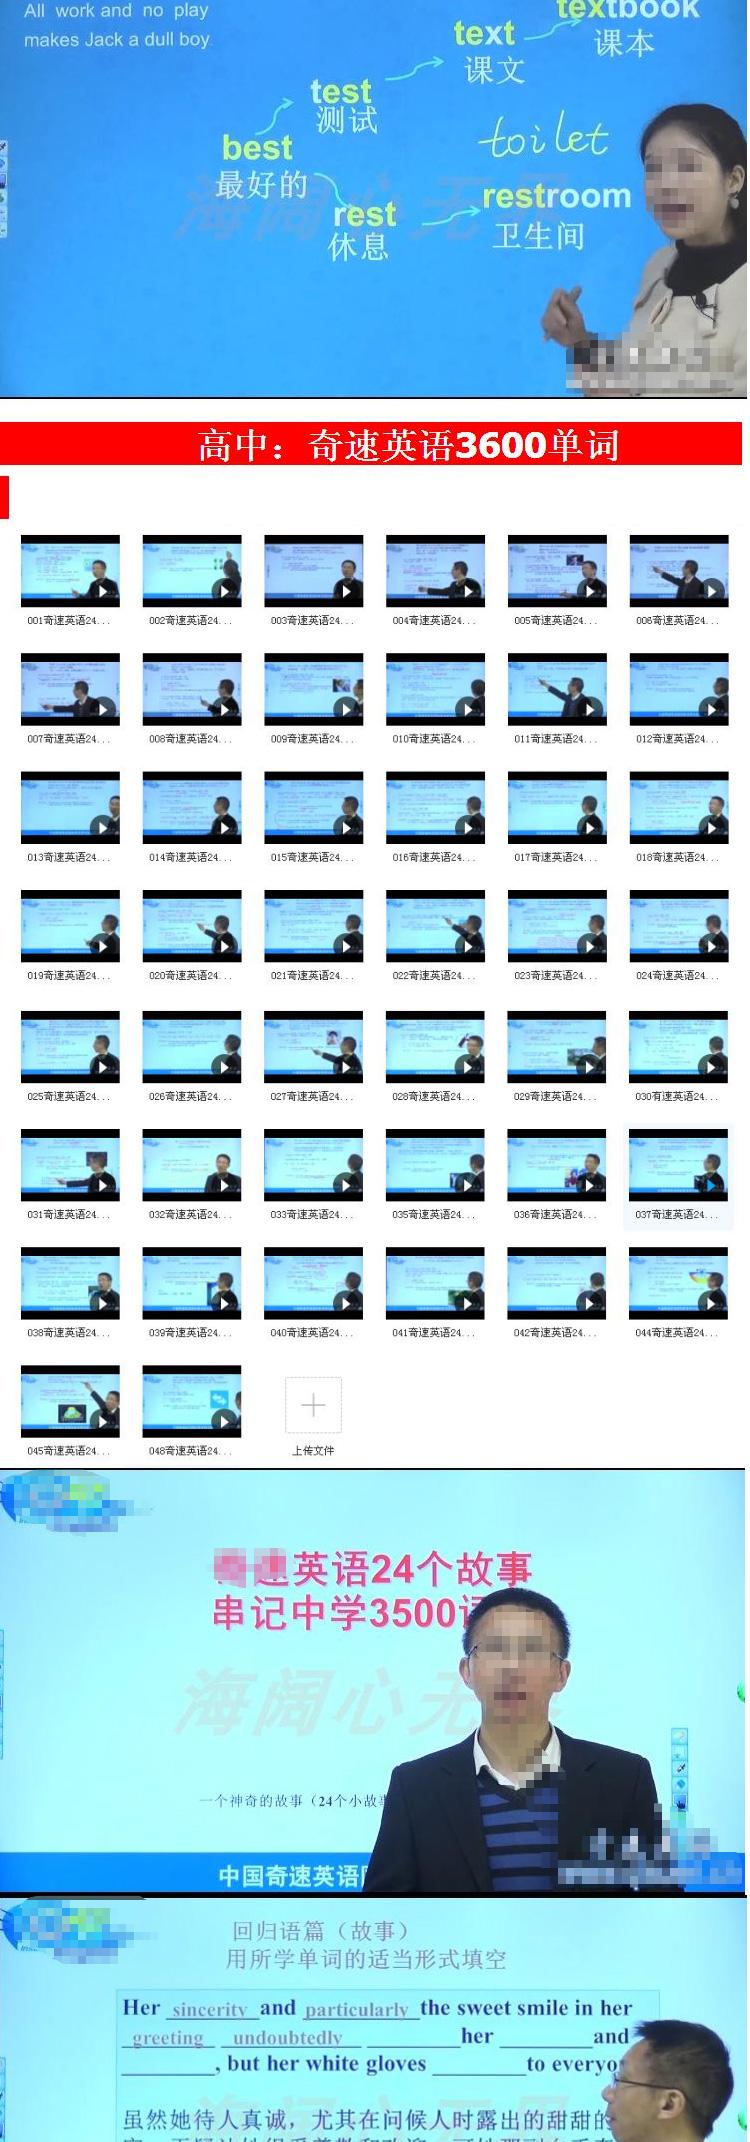 思维导图英语单词速记小学初中高中语法视频教程课件教材记背神器1045